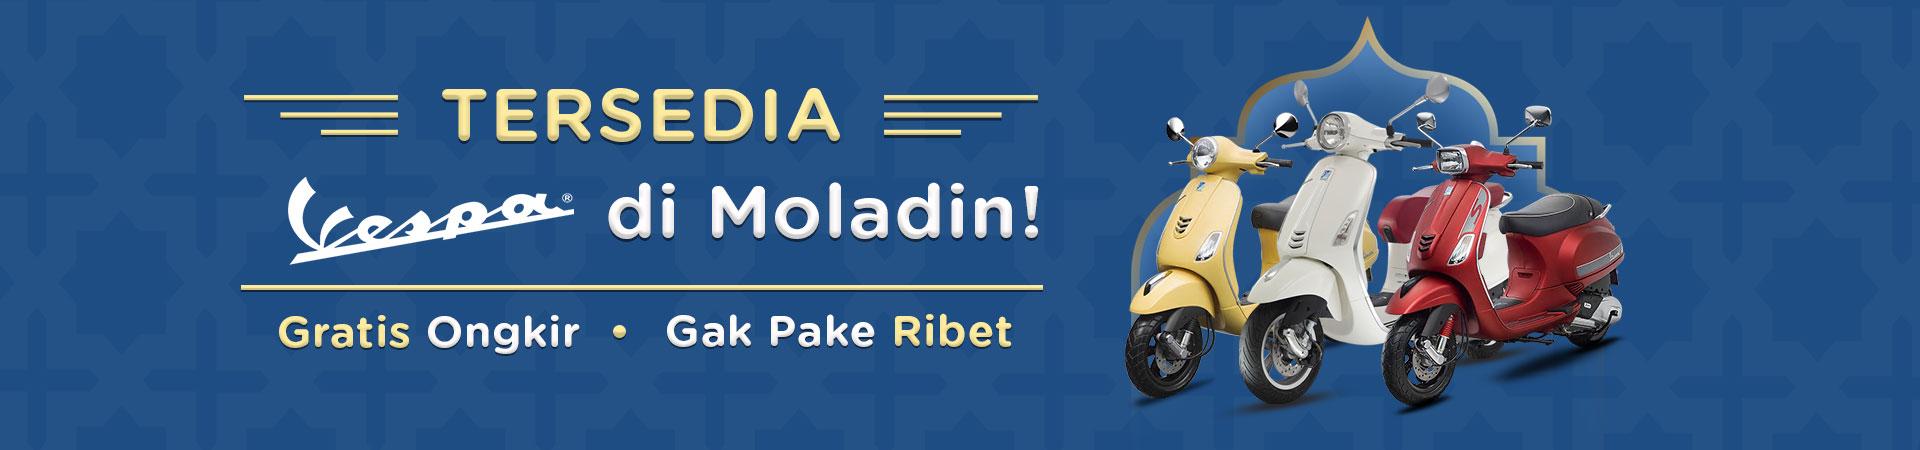 Tersedia Vespa di Moladin